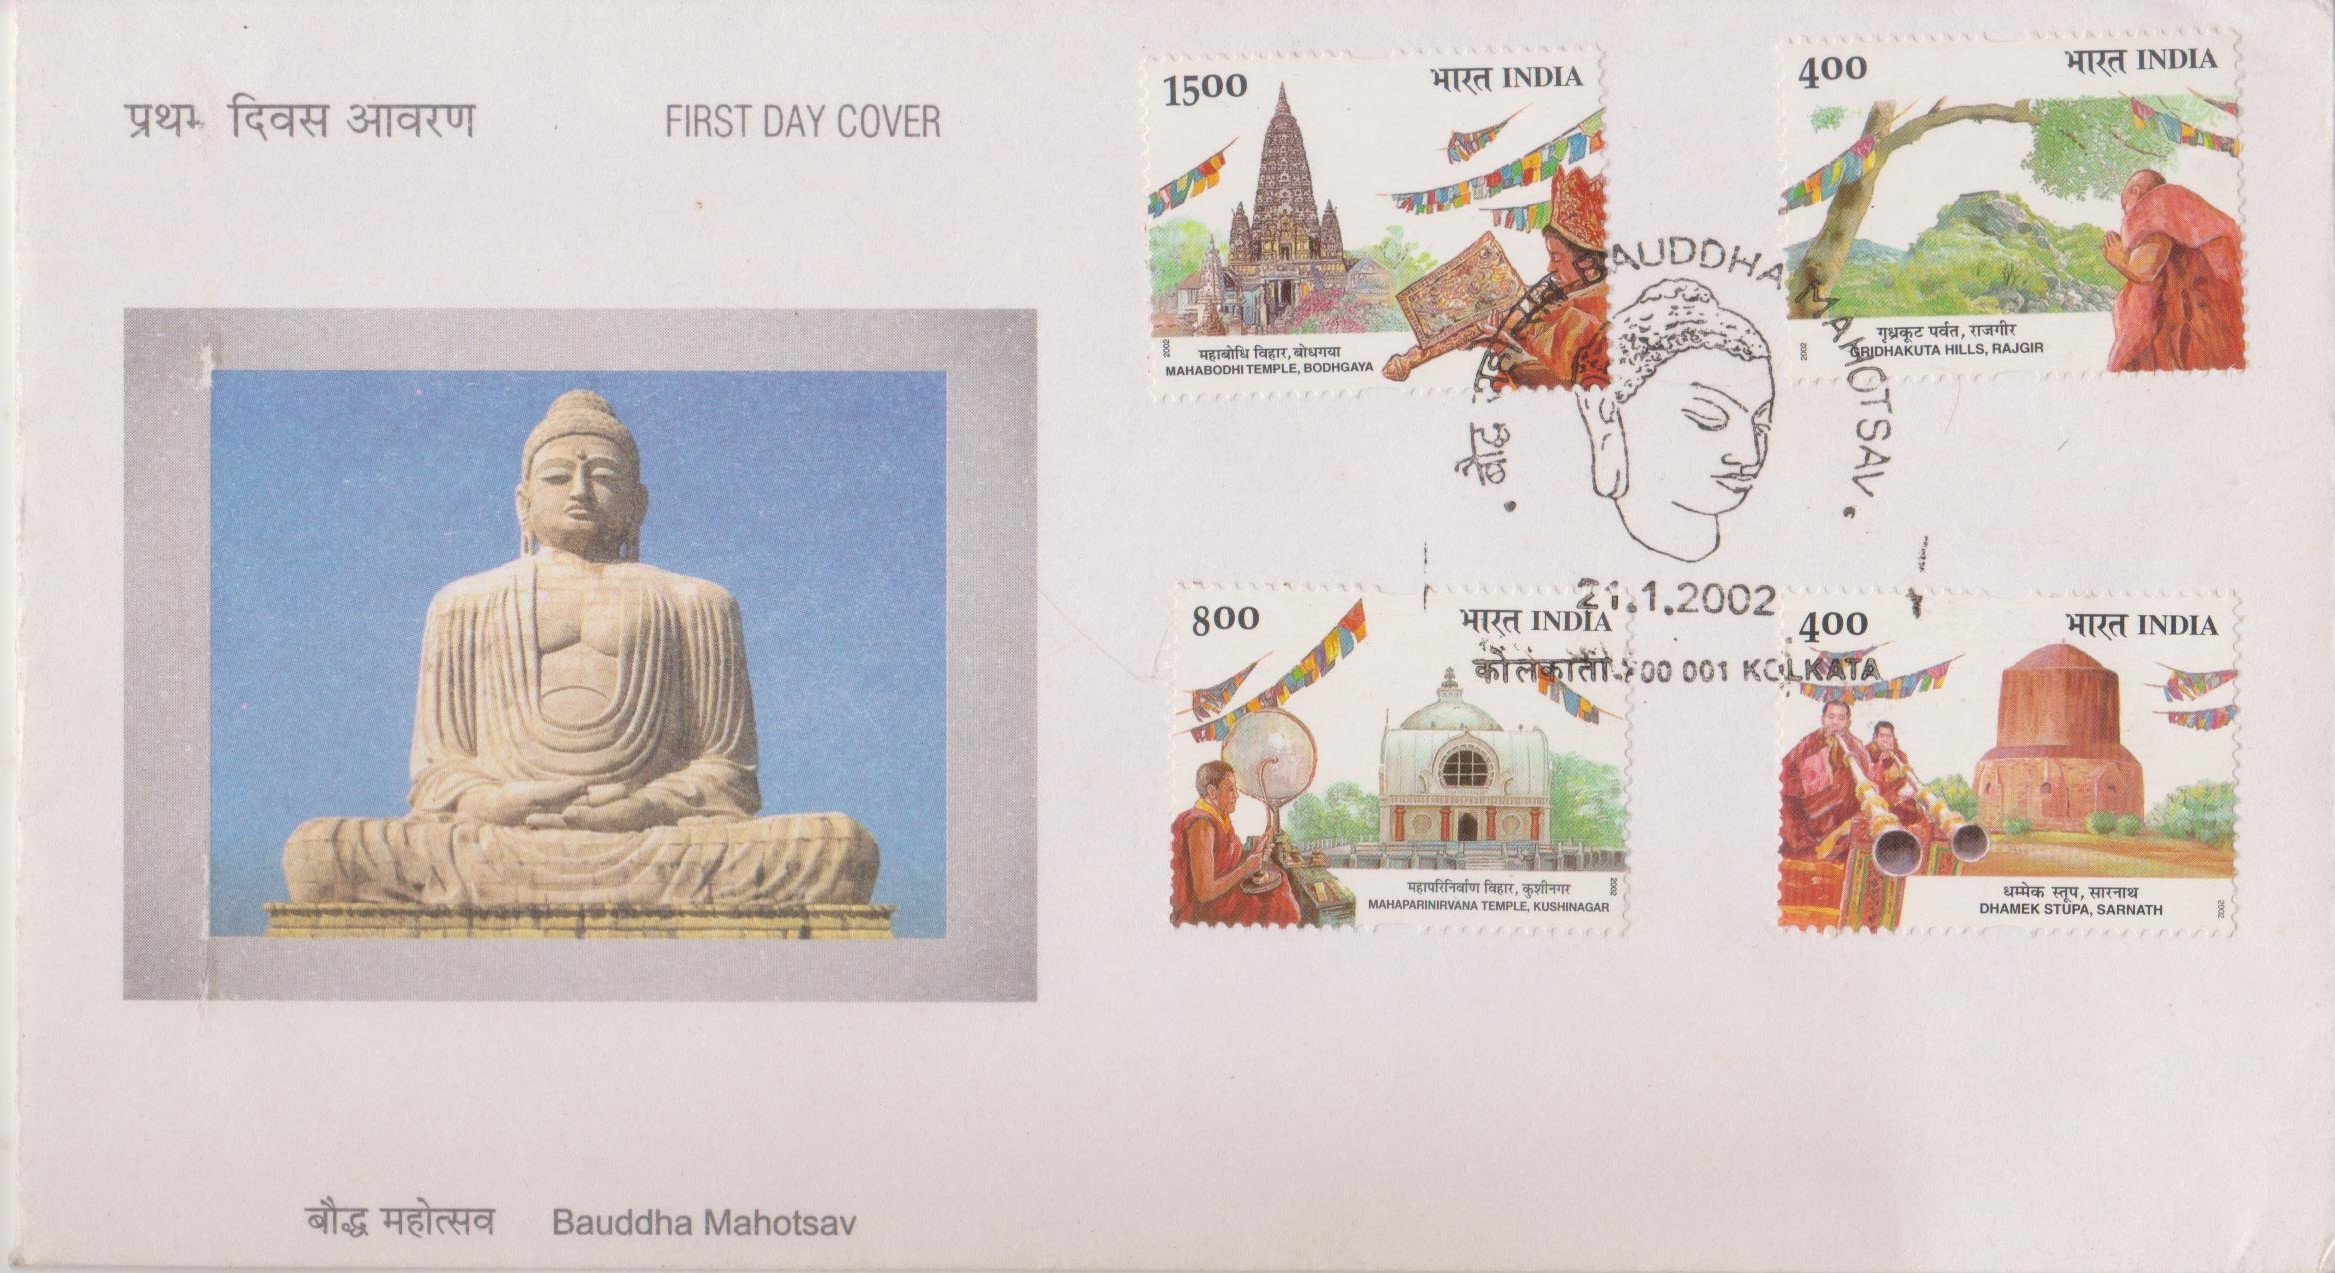 Mahabodhi temple (Bodhgaya); Vulture Peak (Rajgir); Dhamek Stupa (Sarnath); Mahaparinirvana temple (Kushinagar)